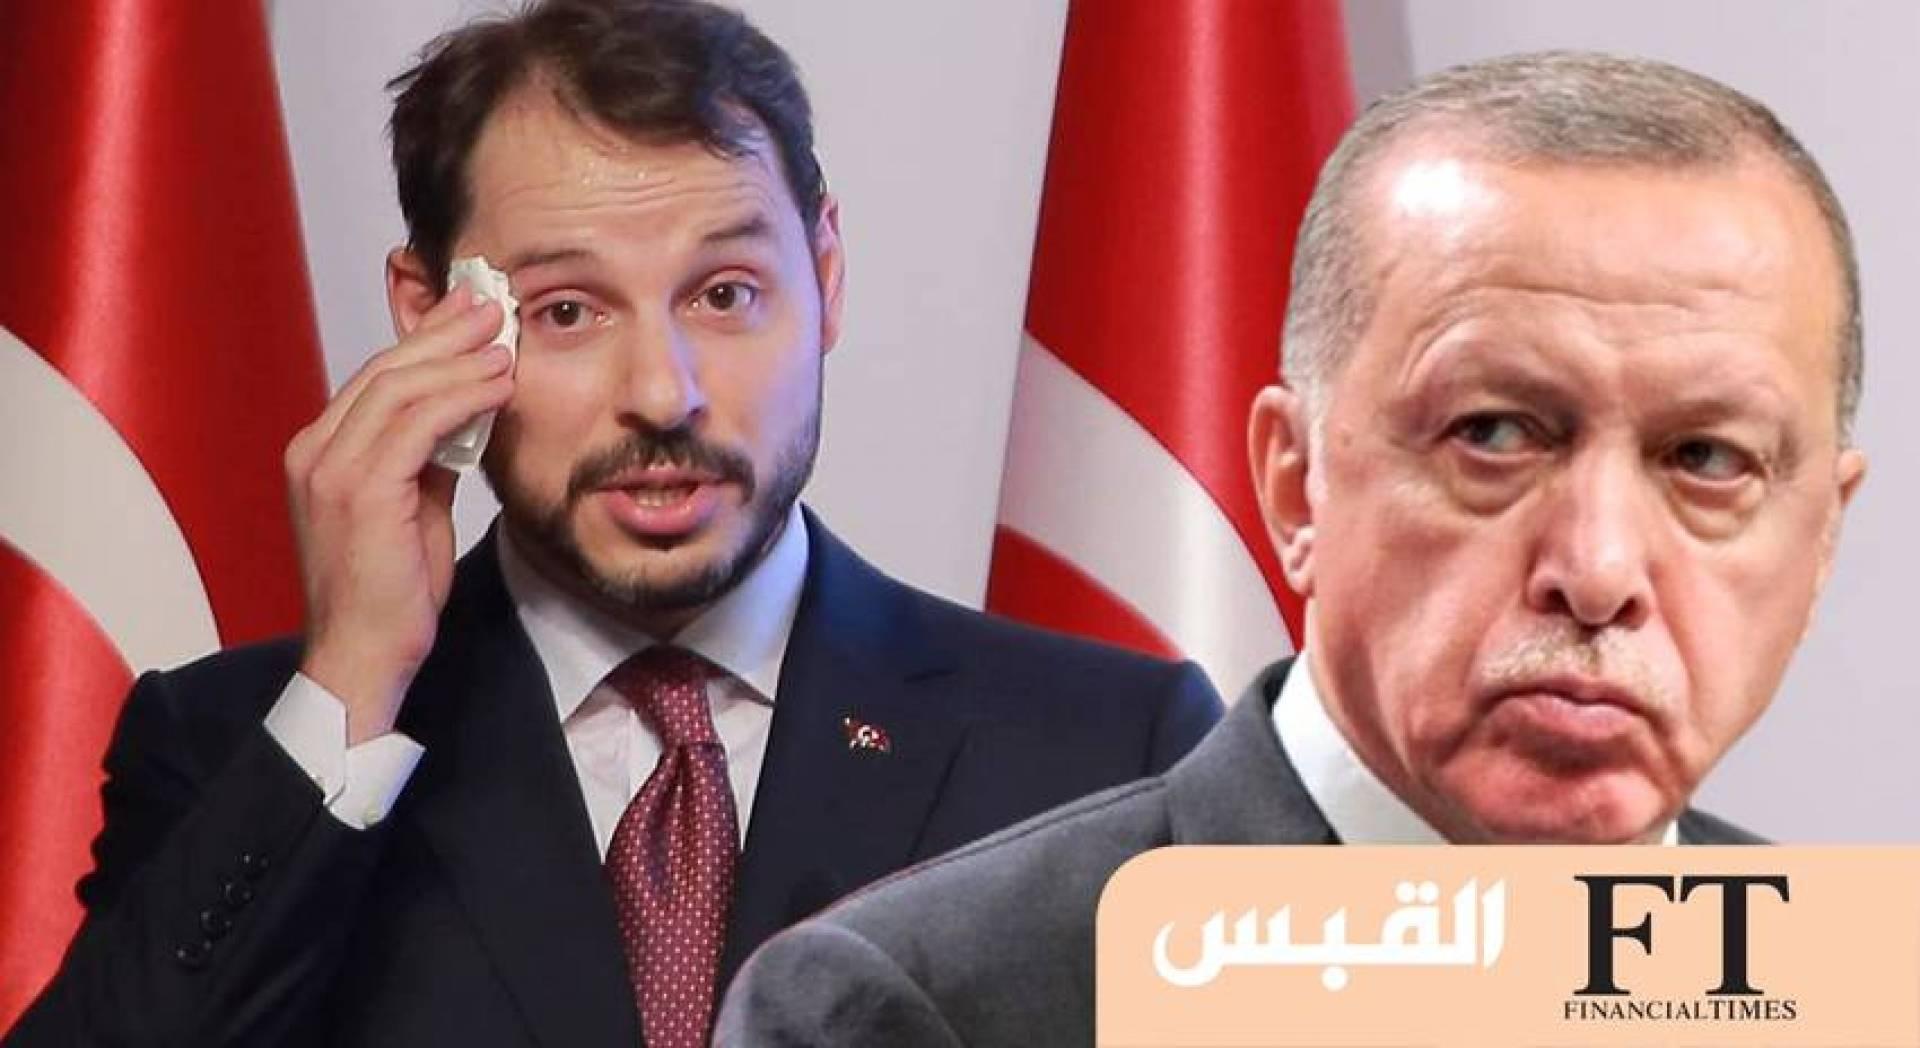 صهر أردوغان يكلف خزينة تركيا خسائر بـ 140 مليار دولار